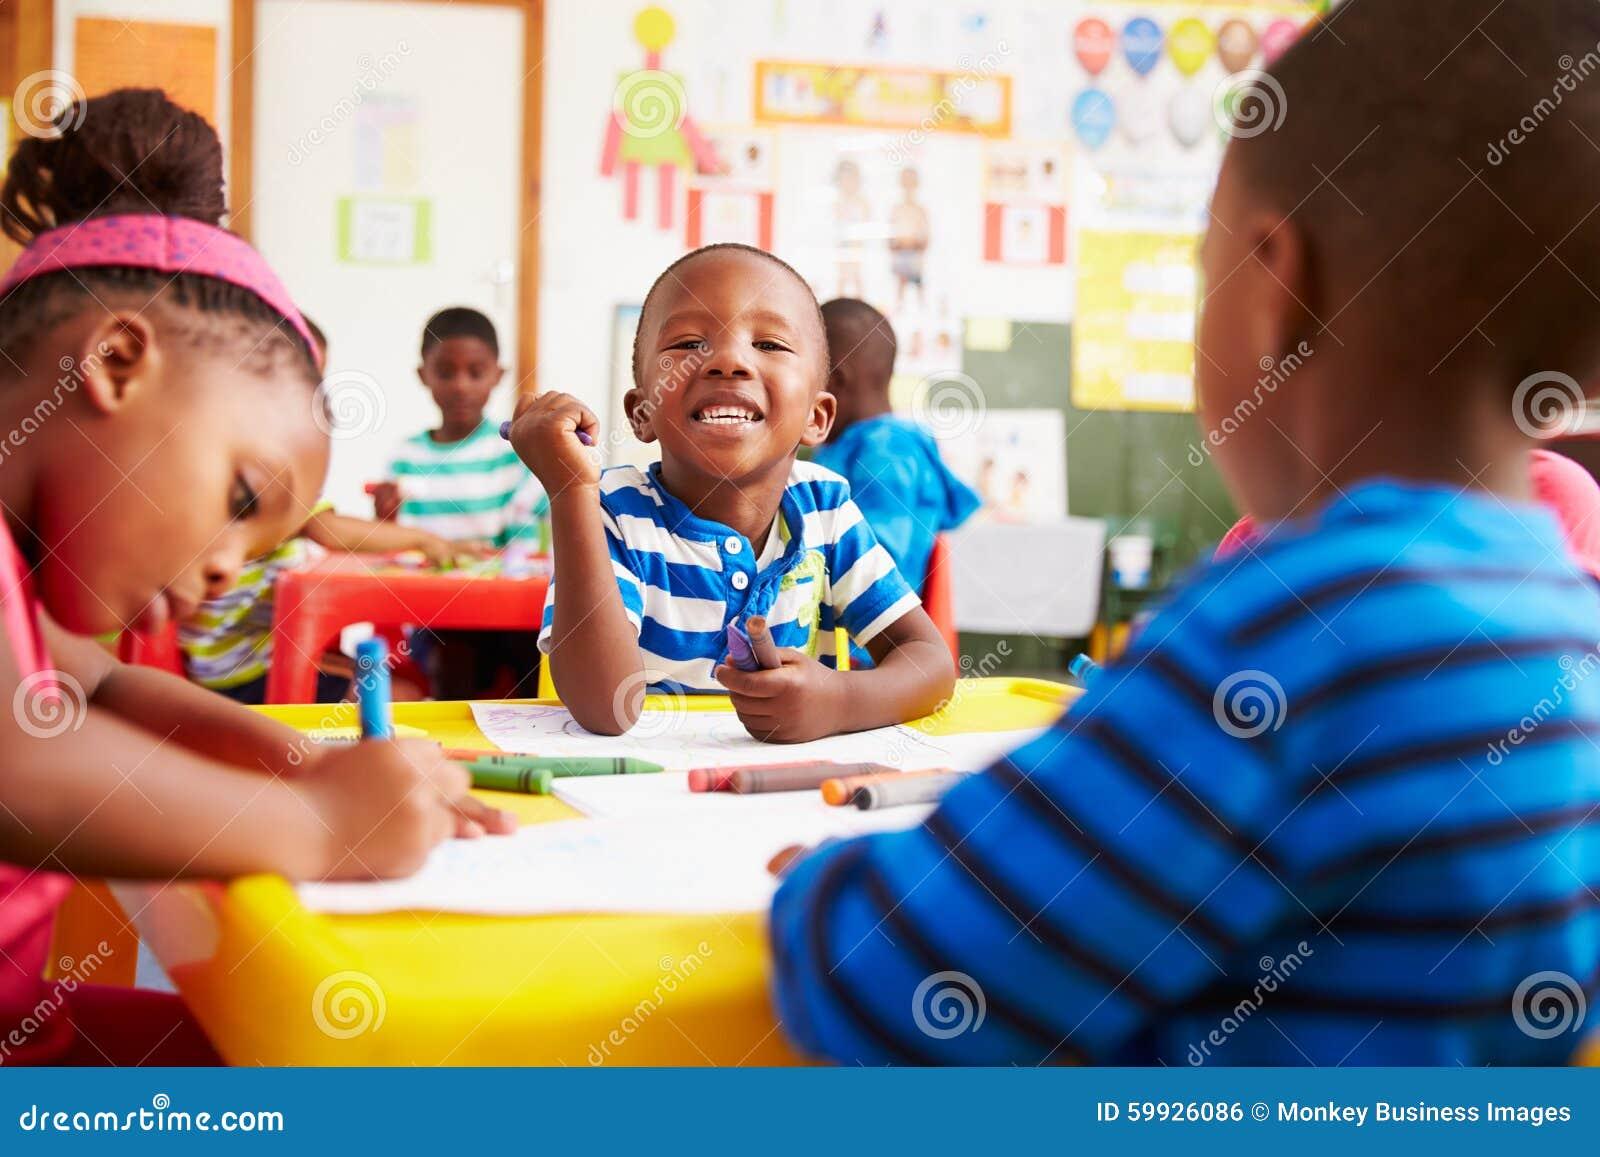 Classe préscolaire en Afrique du Sud, garçon regardant à l appareil-photo